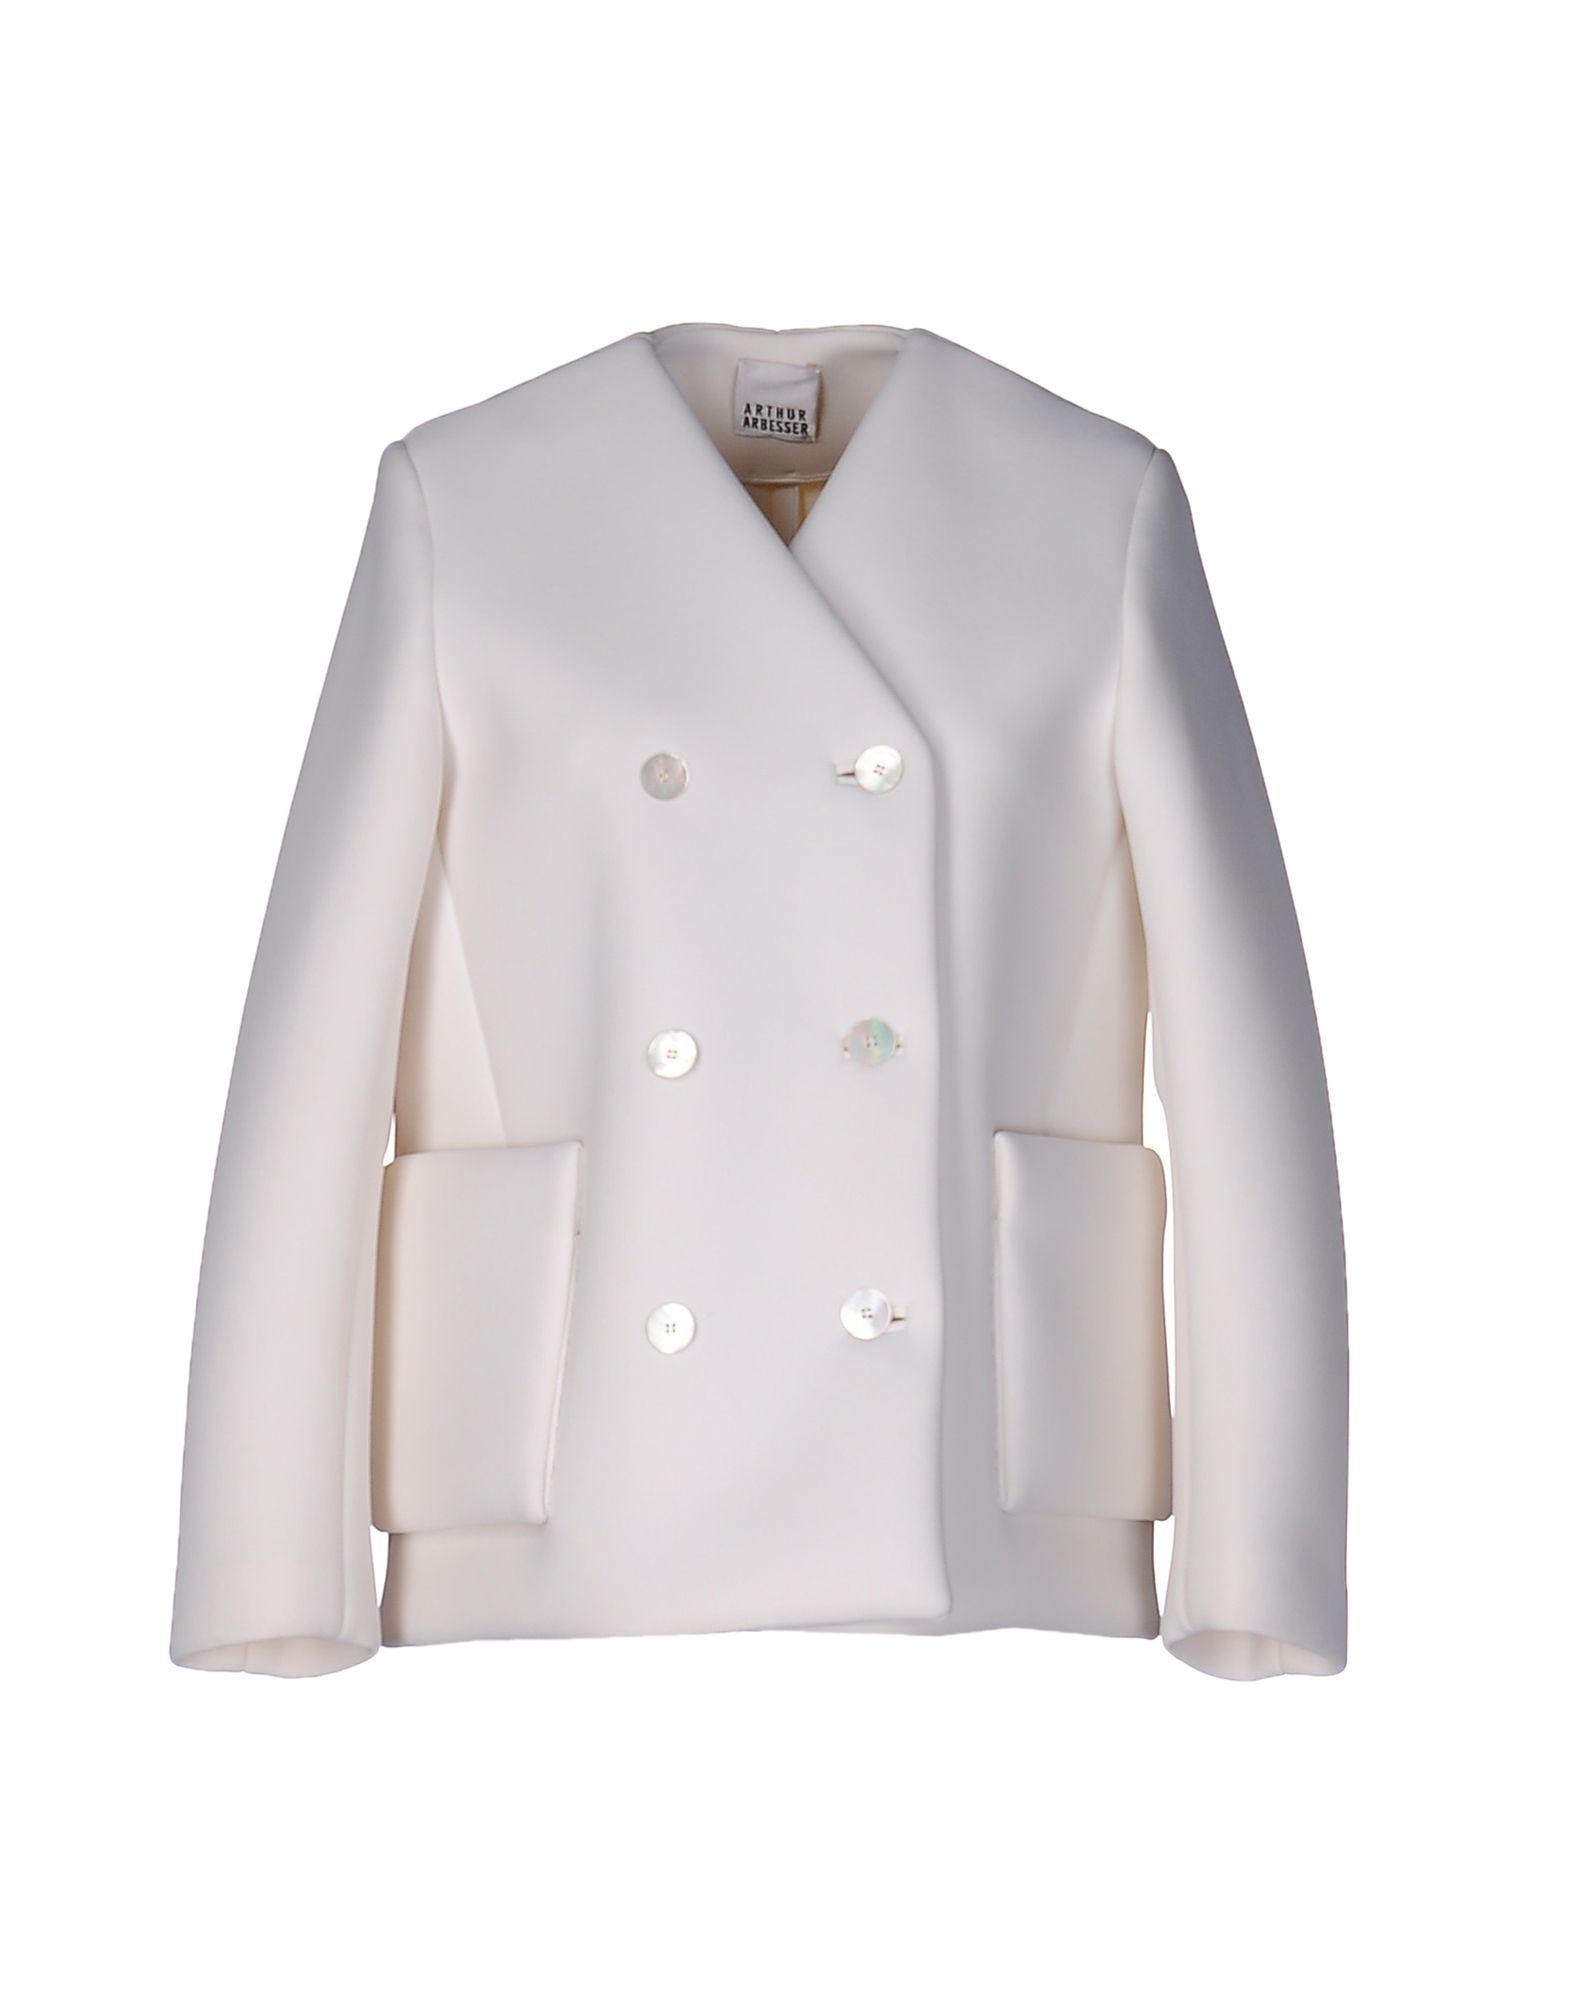 ARTHUR ARBESSER Blazer in White